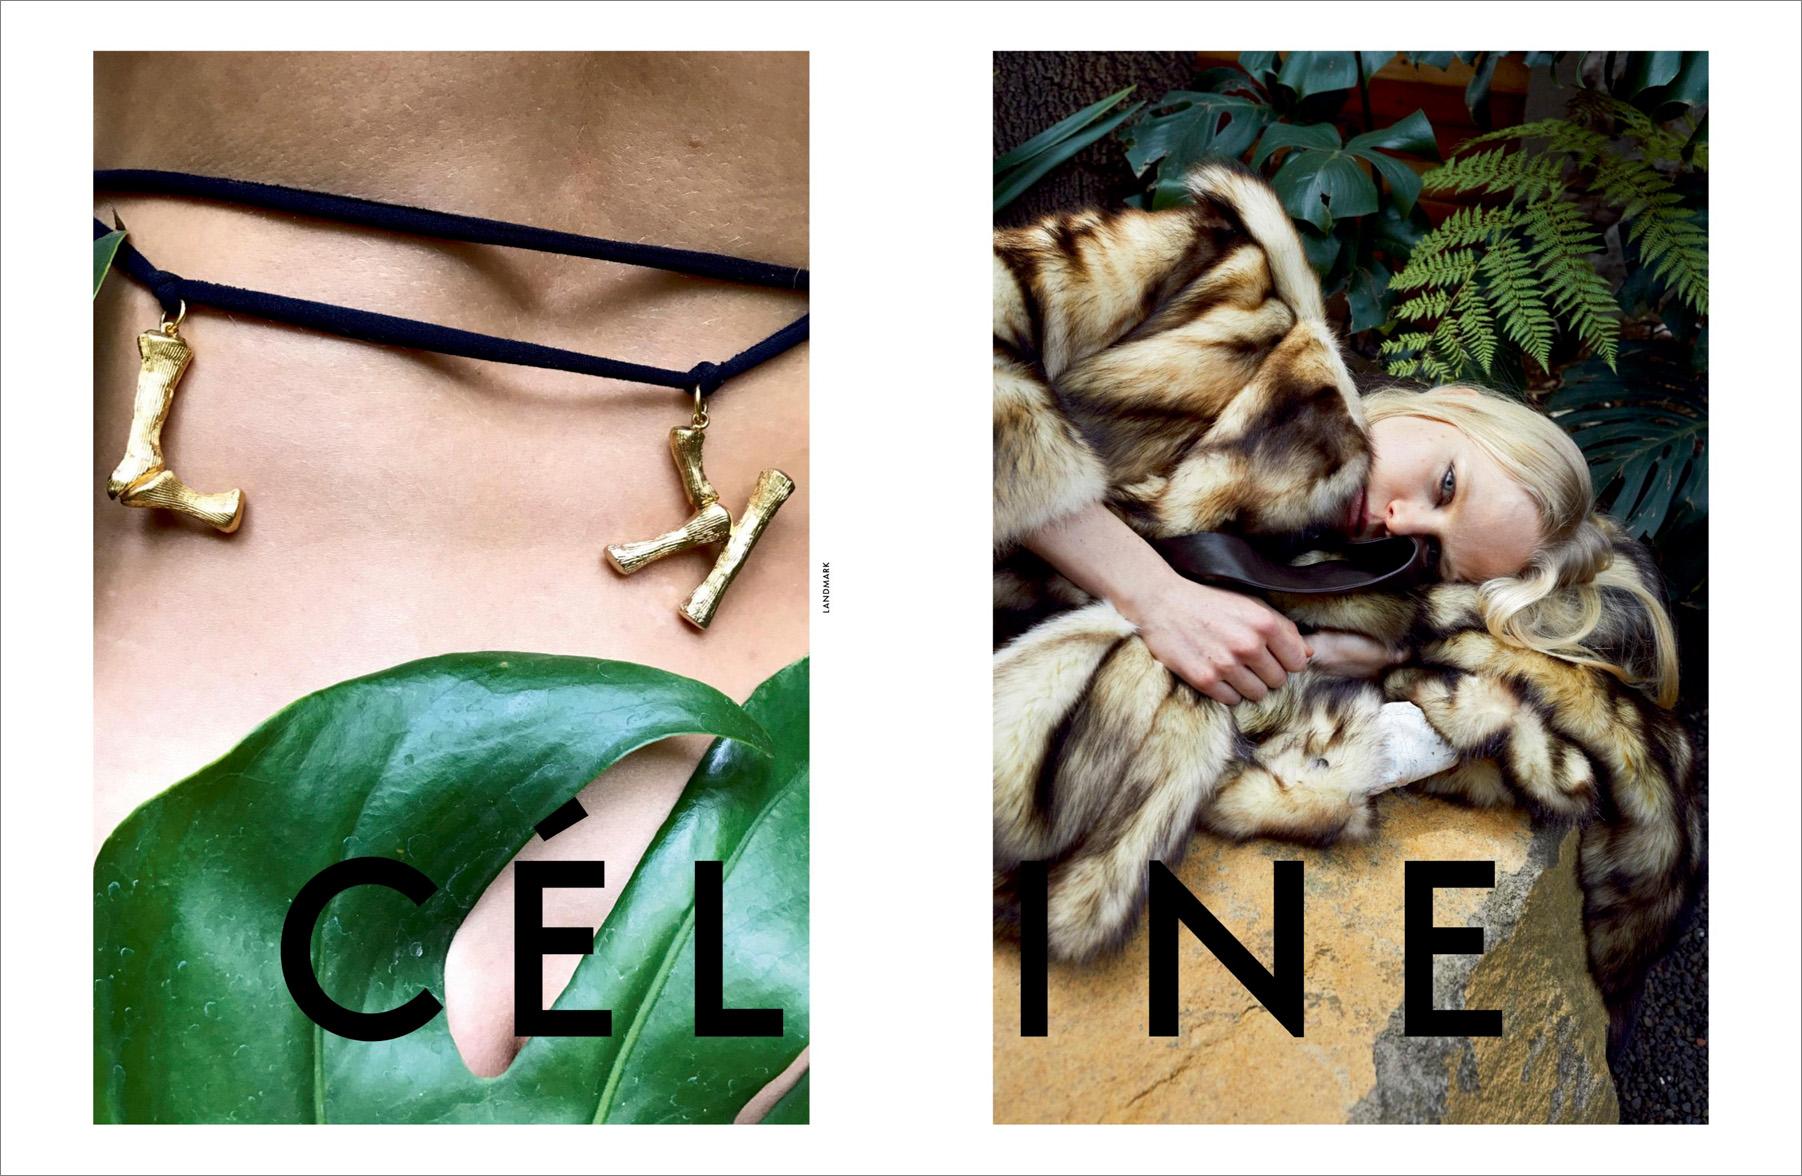 Celine-fall-2017-ad-campaign-03_1